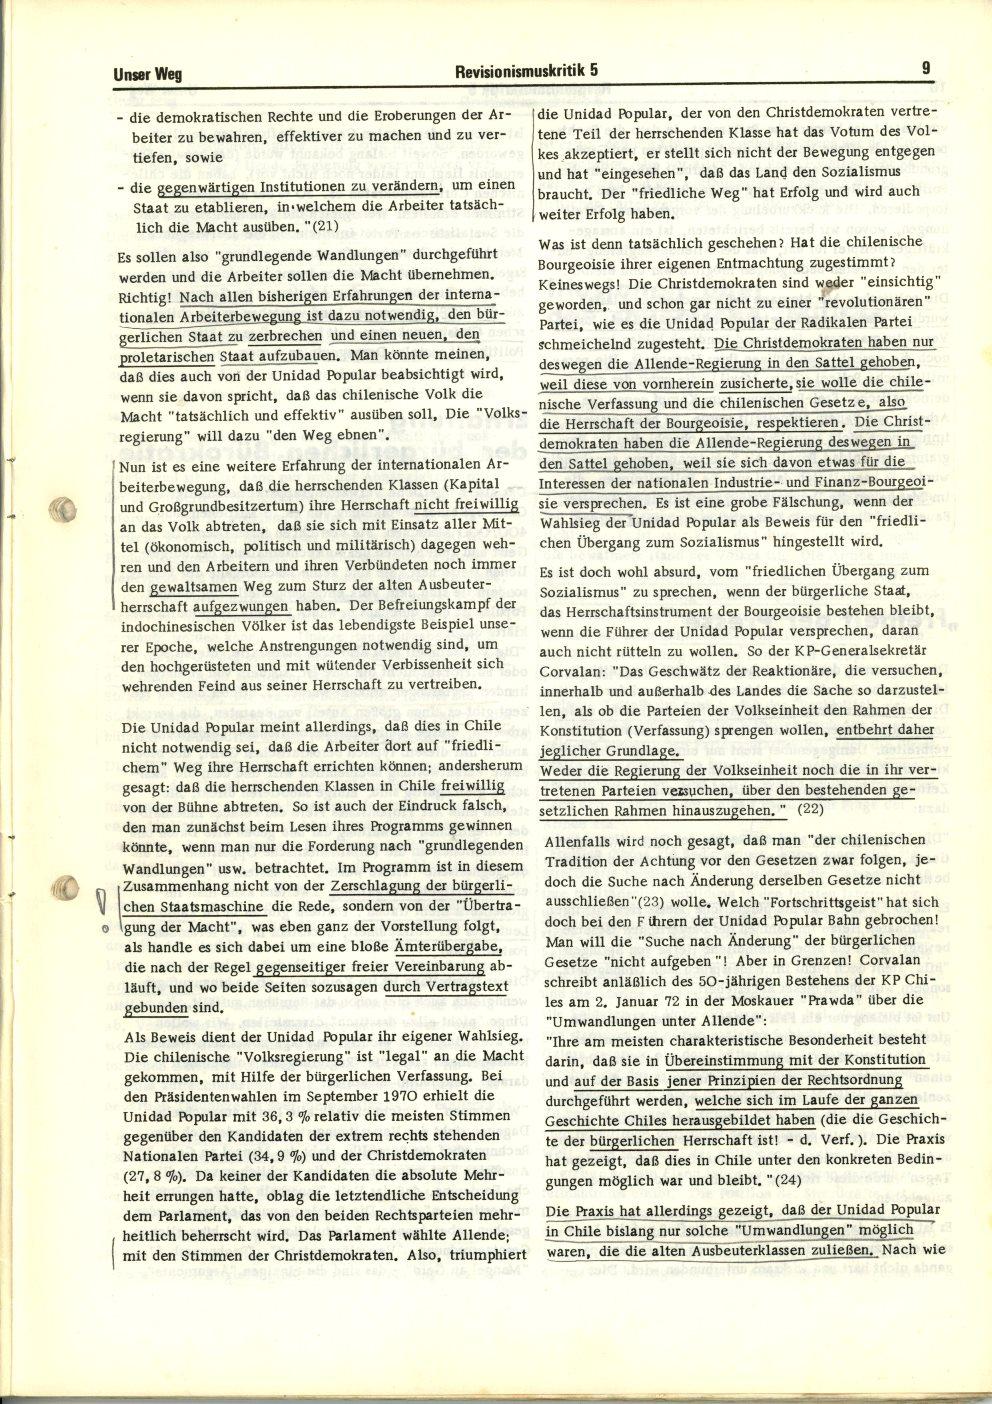 KB_Unser_Weg_1972_Chile_11